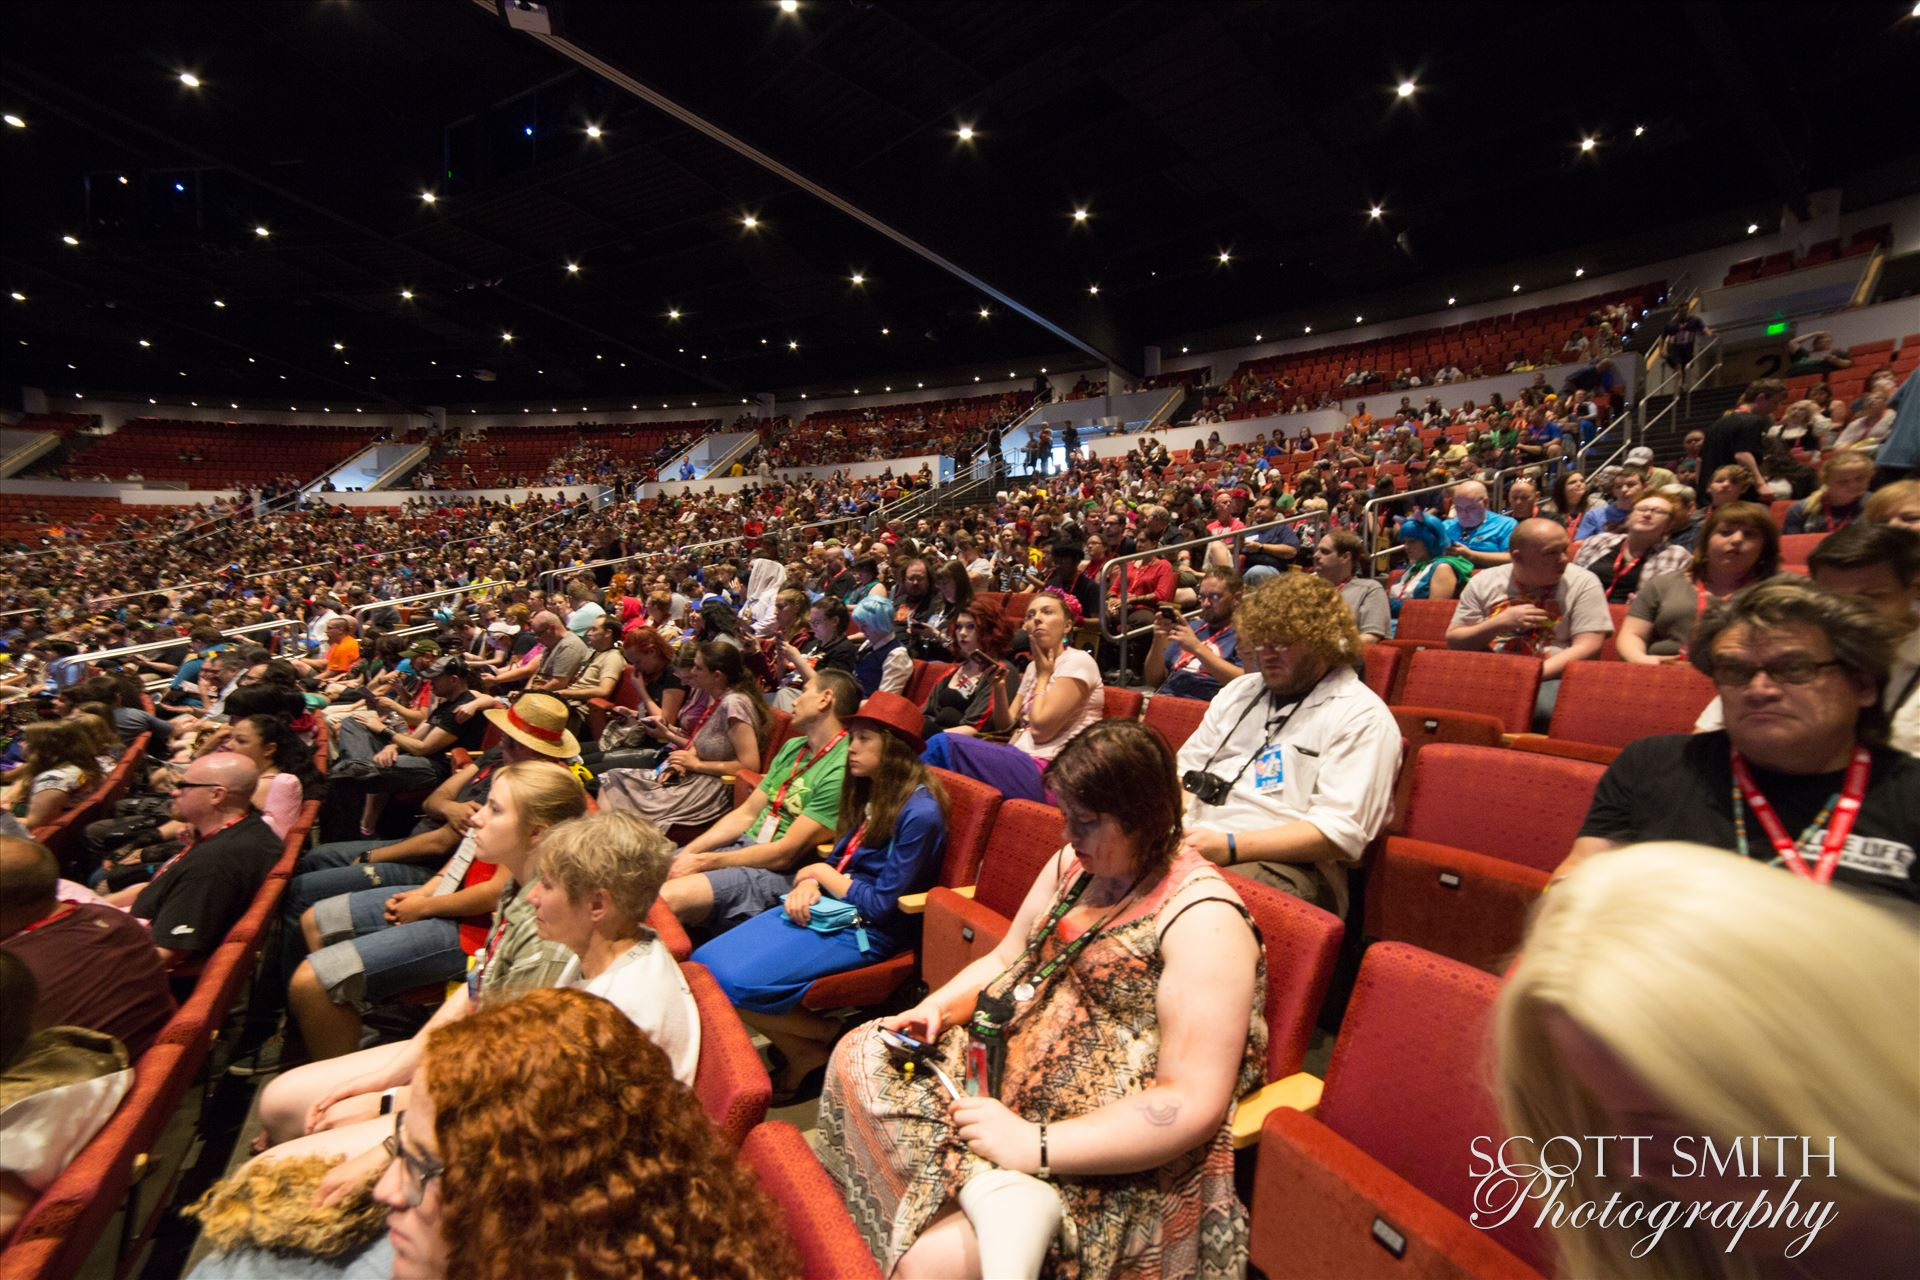 Denver Comic Con 2016 14 - Denver Comic Con 2016 at the Colorado Convention Center. by D Scott Smith